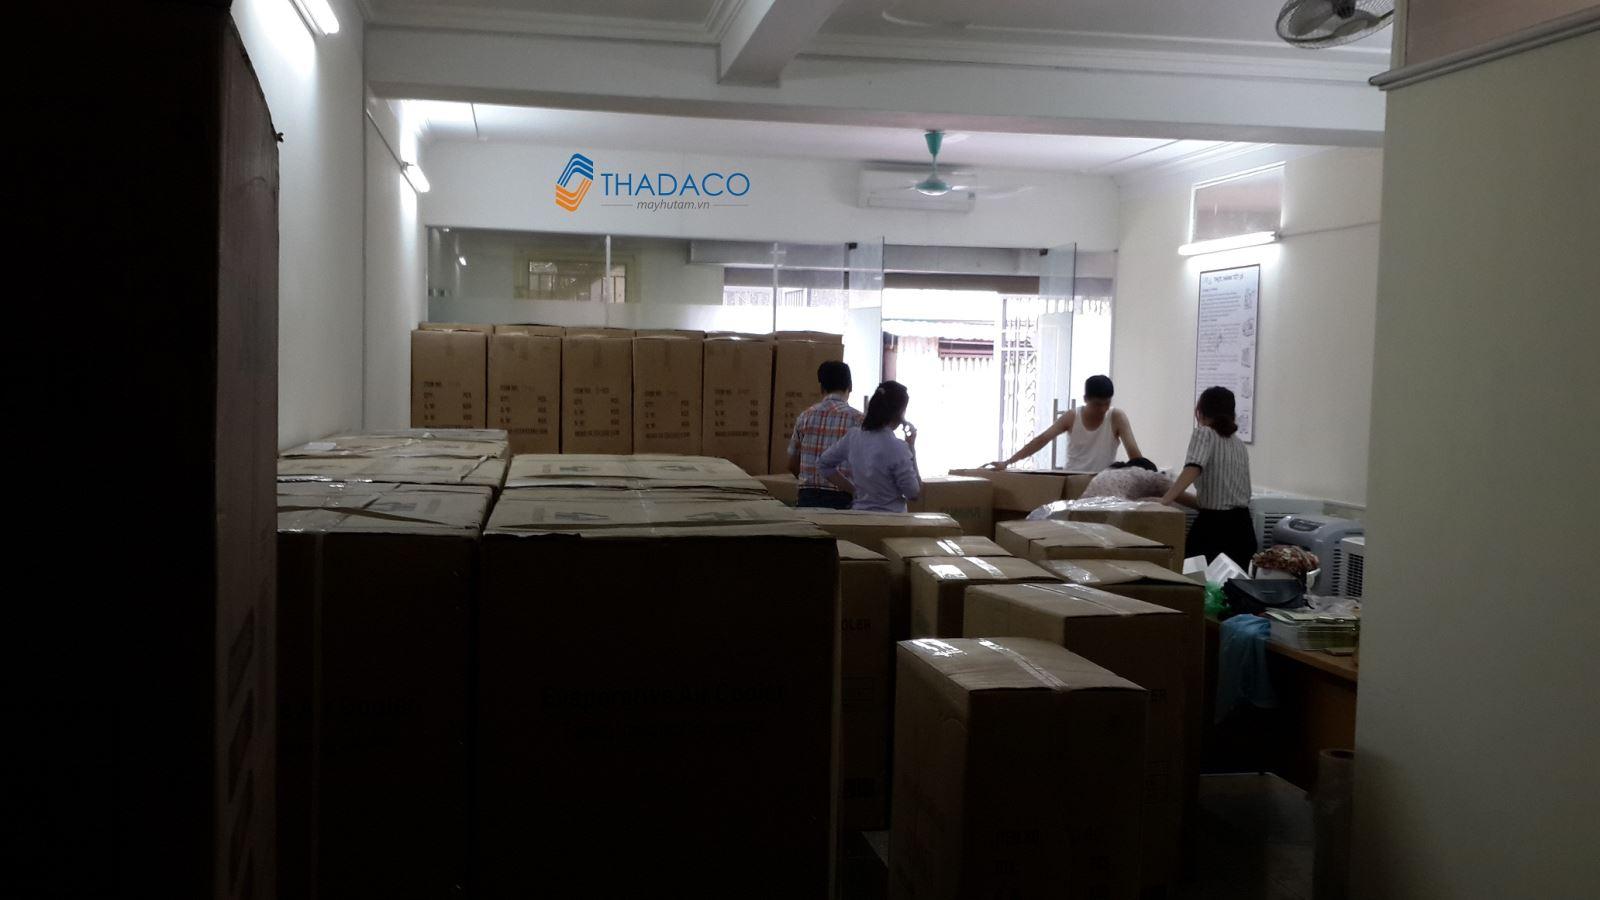 kho hàng máy làm mát không khí thadaco